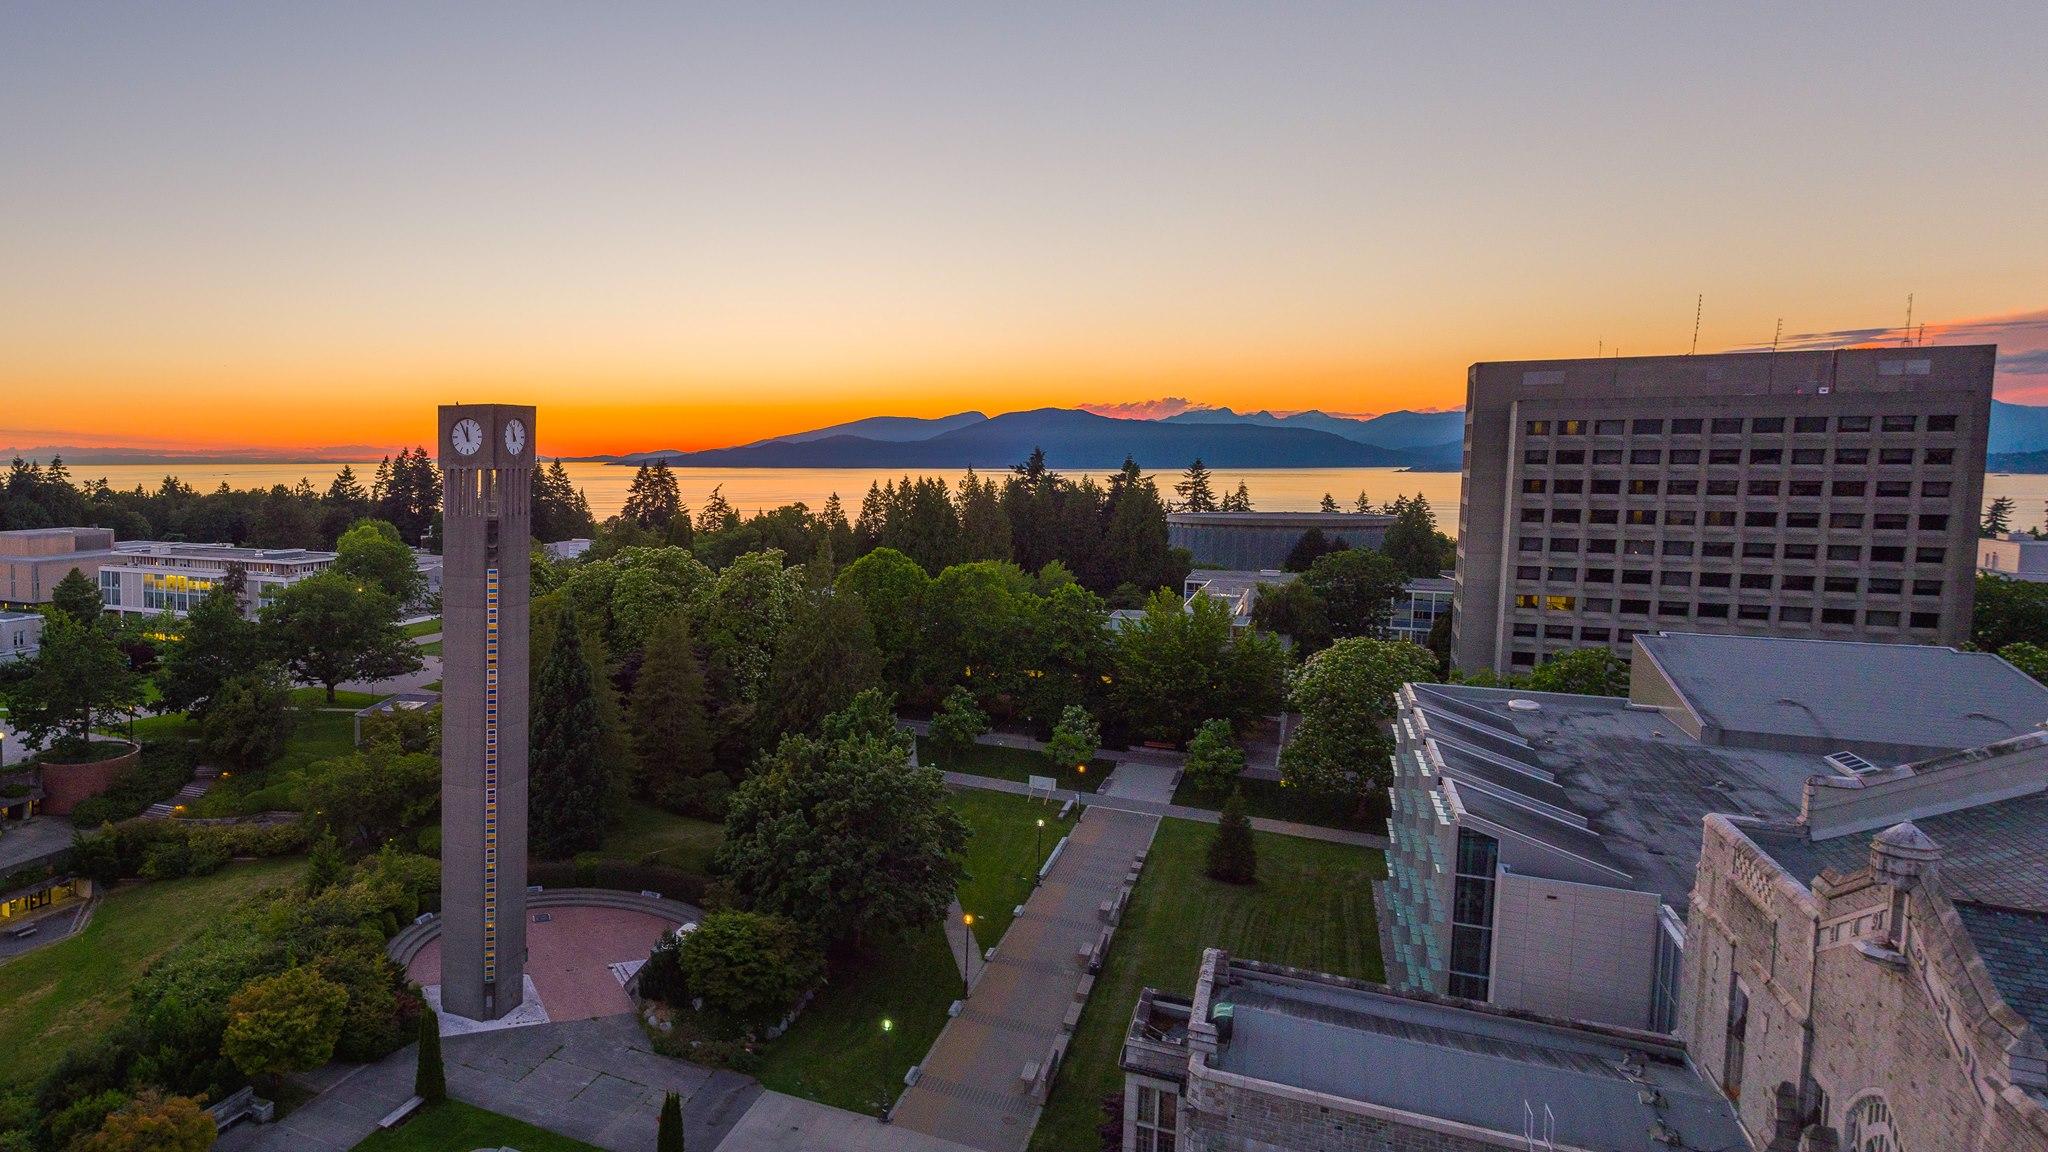 جامعة كولومبيا البريطانية – University of British Columbia (UBC)